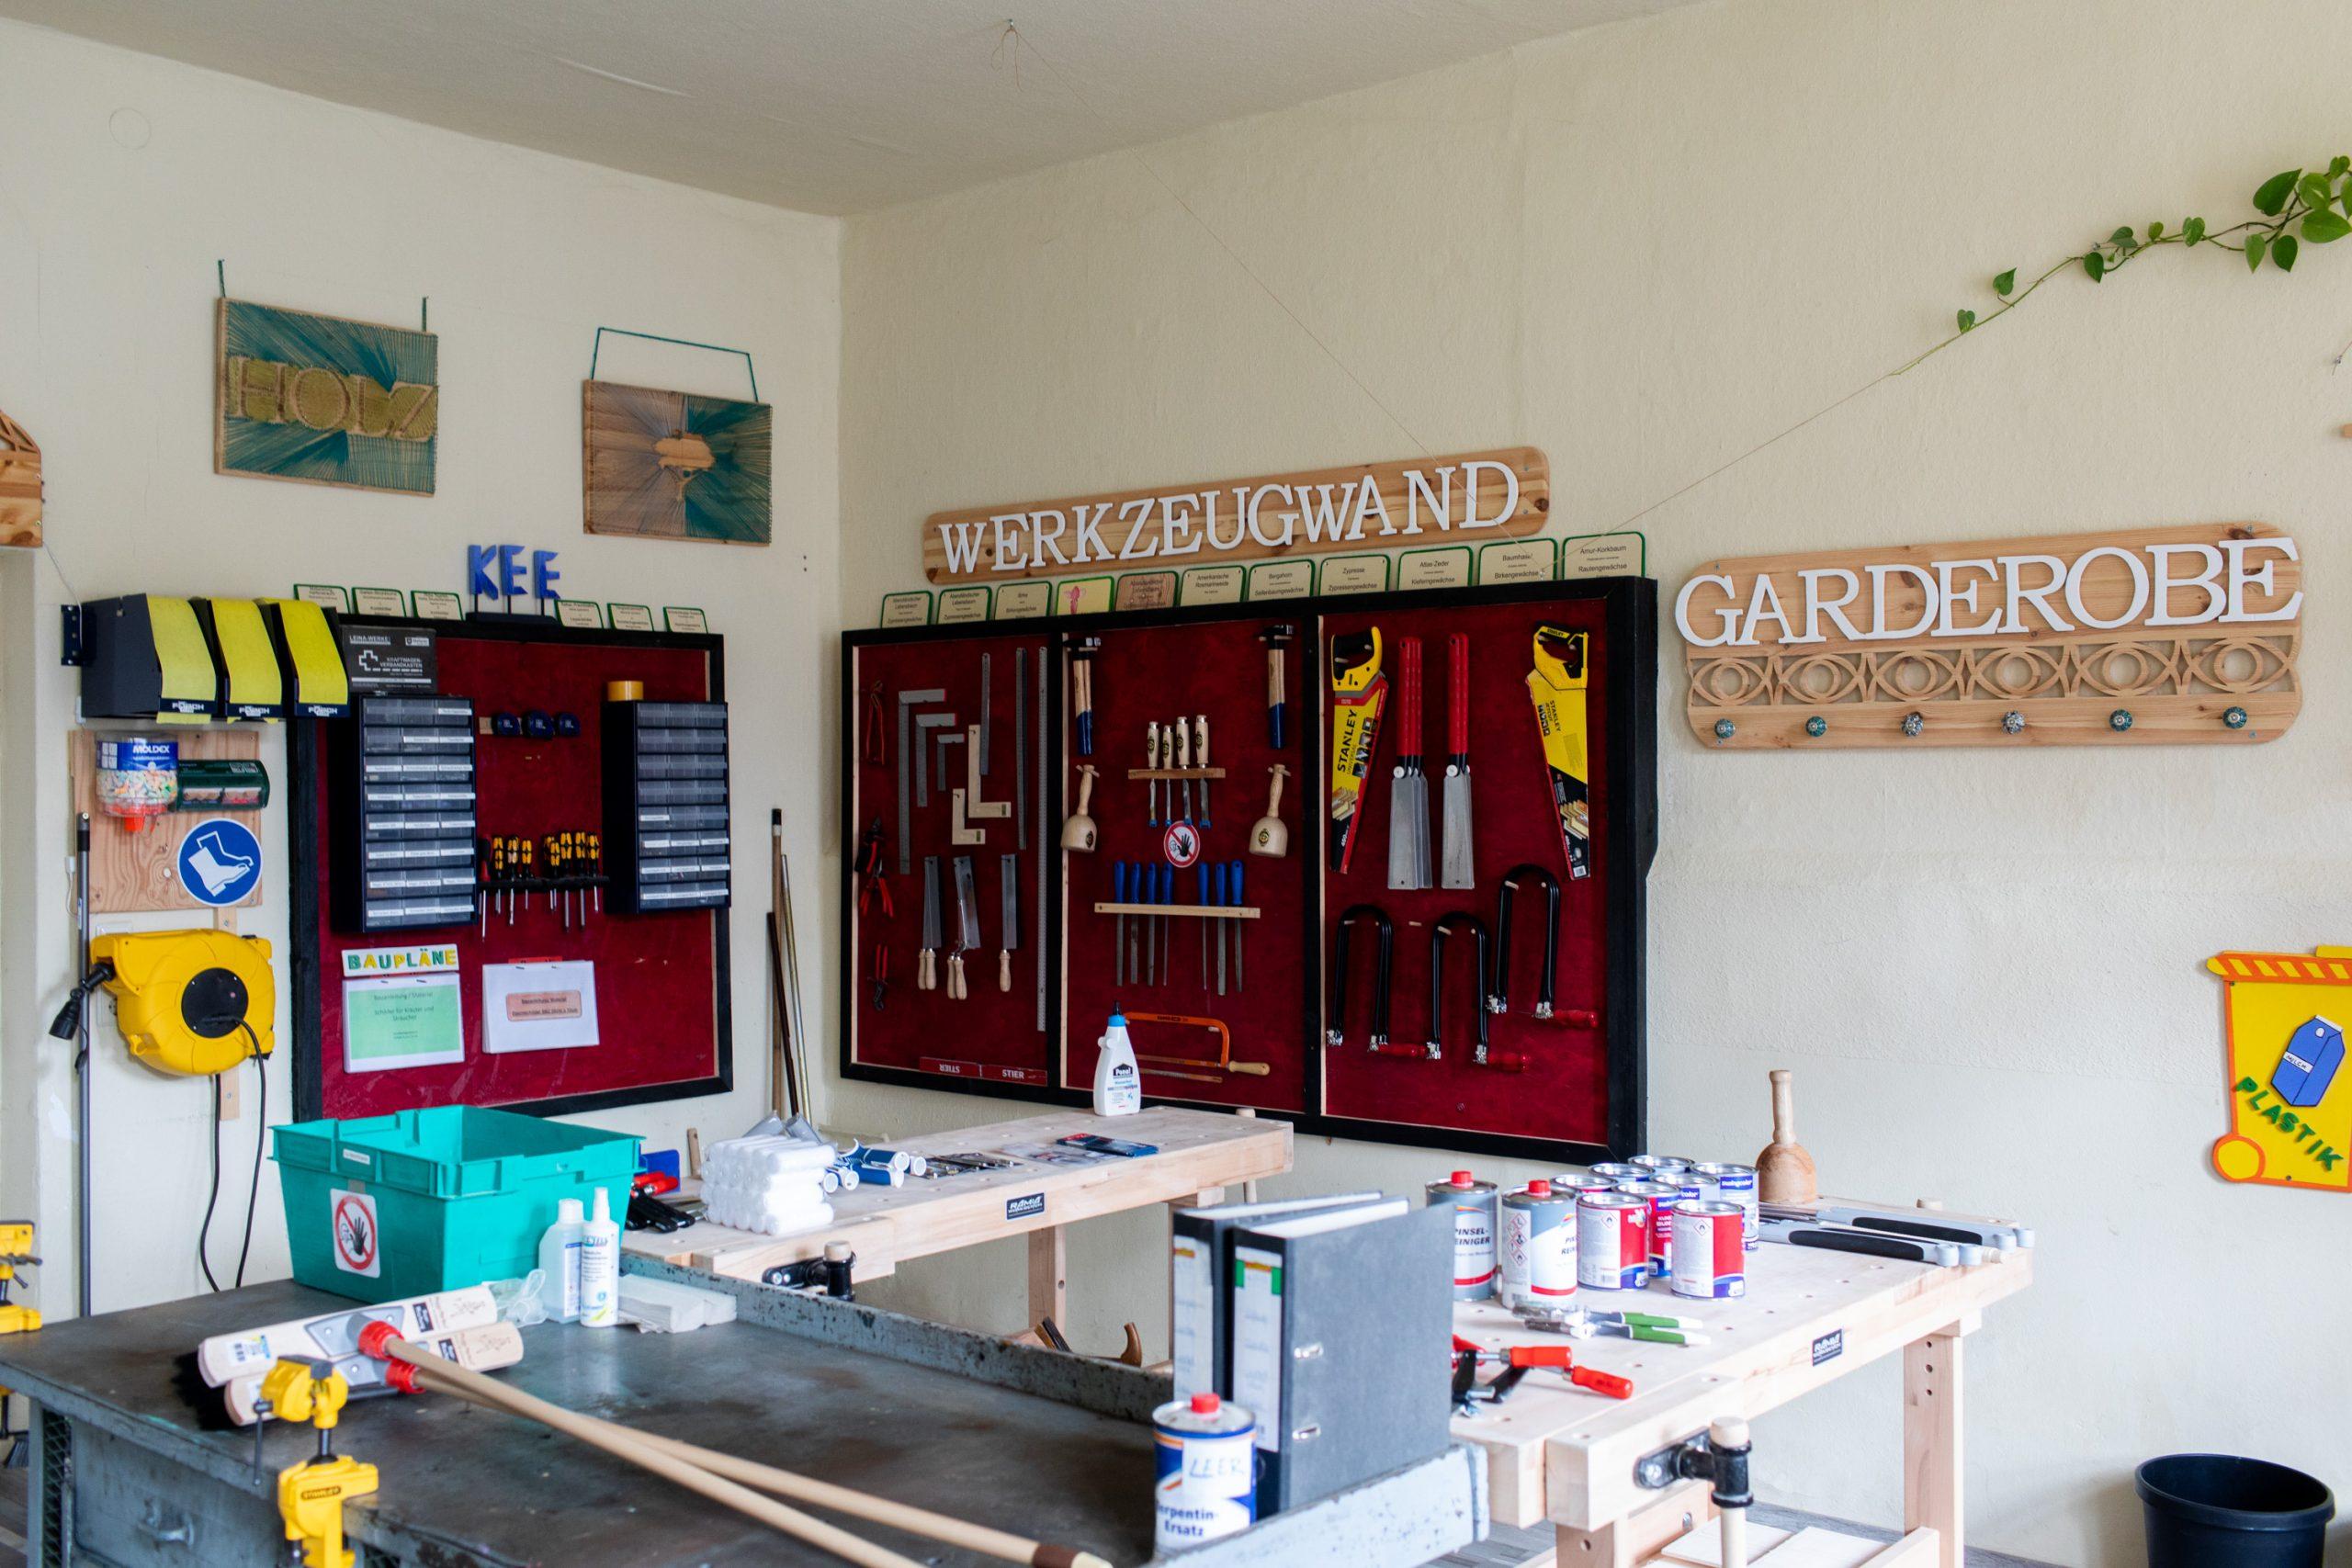 Eine Werkzeugwand mit in den Projekten des KEE hergestellten Holzelementen.